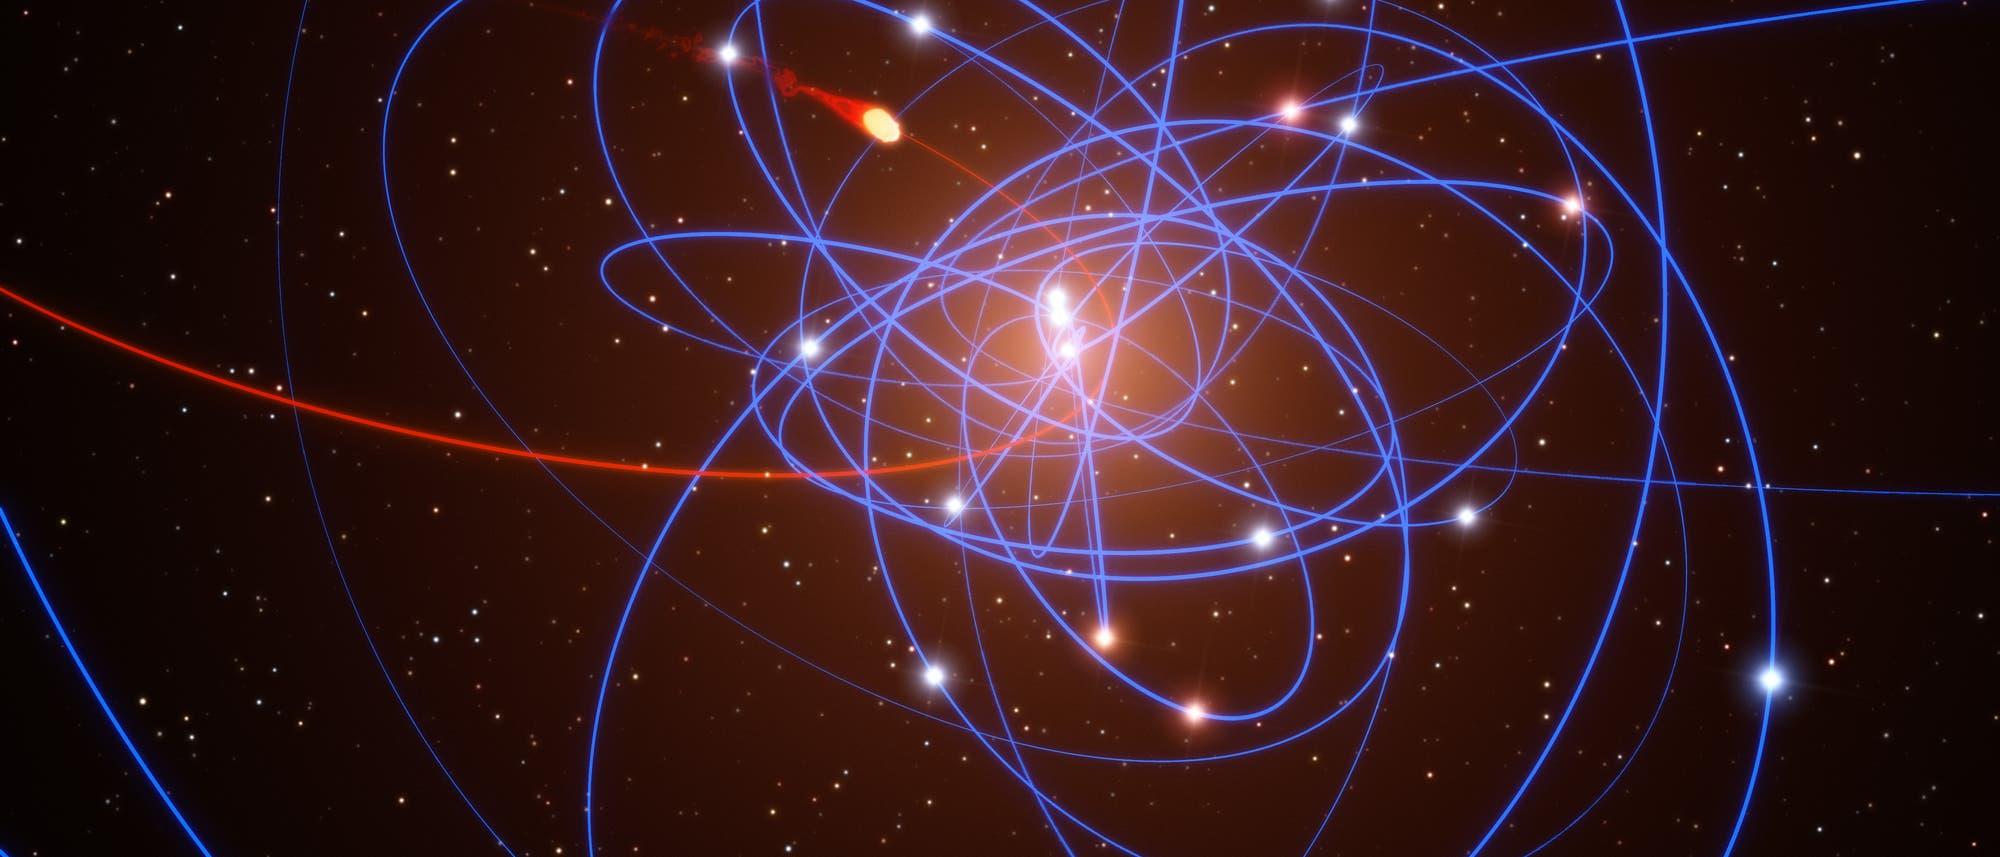 Am galaktischen Zentrum